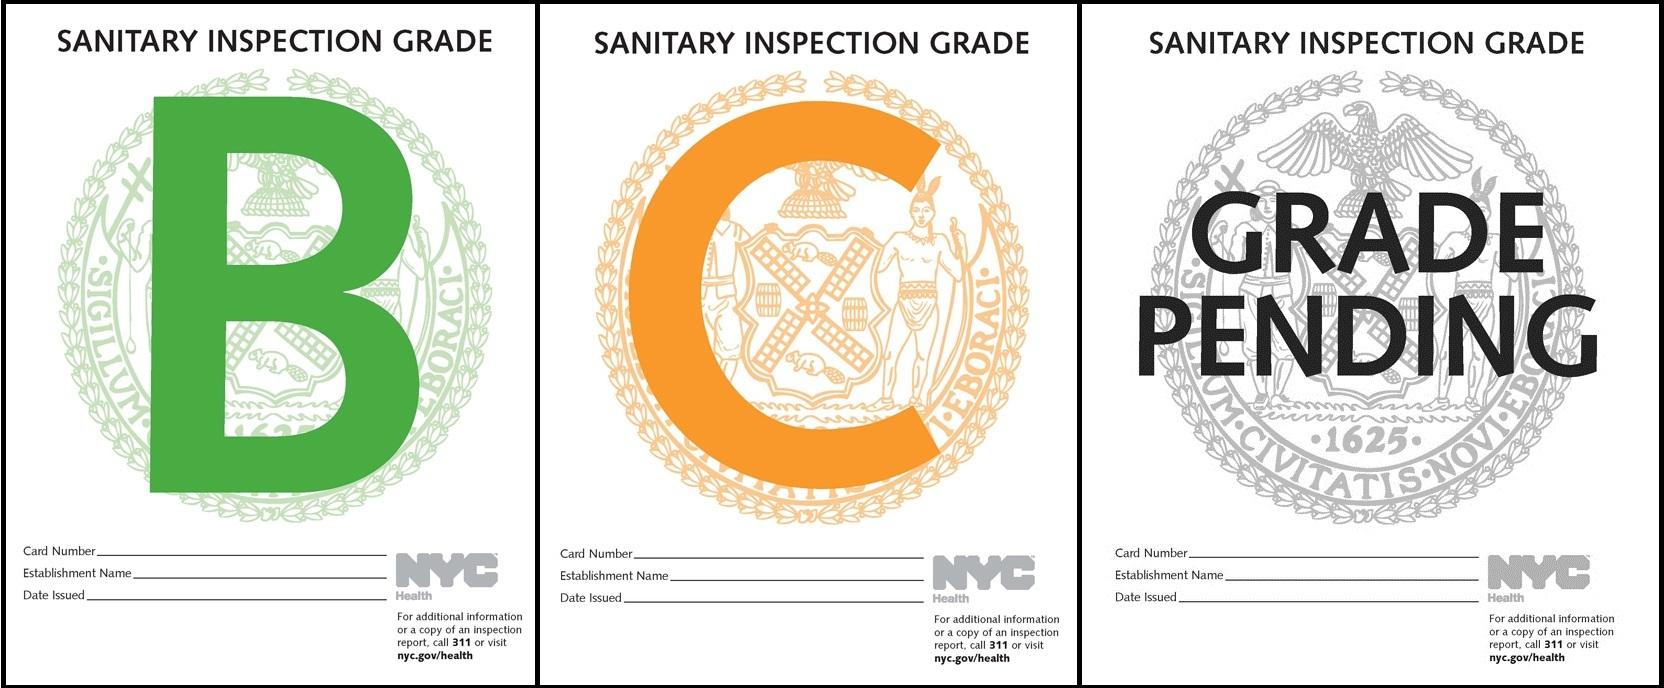 Restaurant Letter Grade New York City